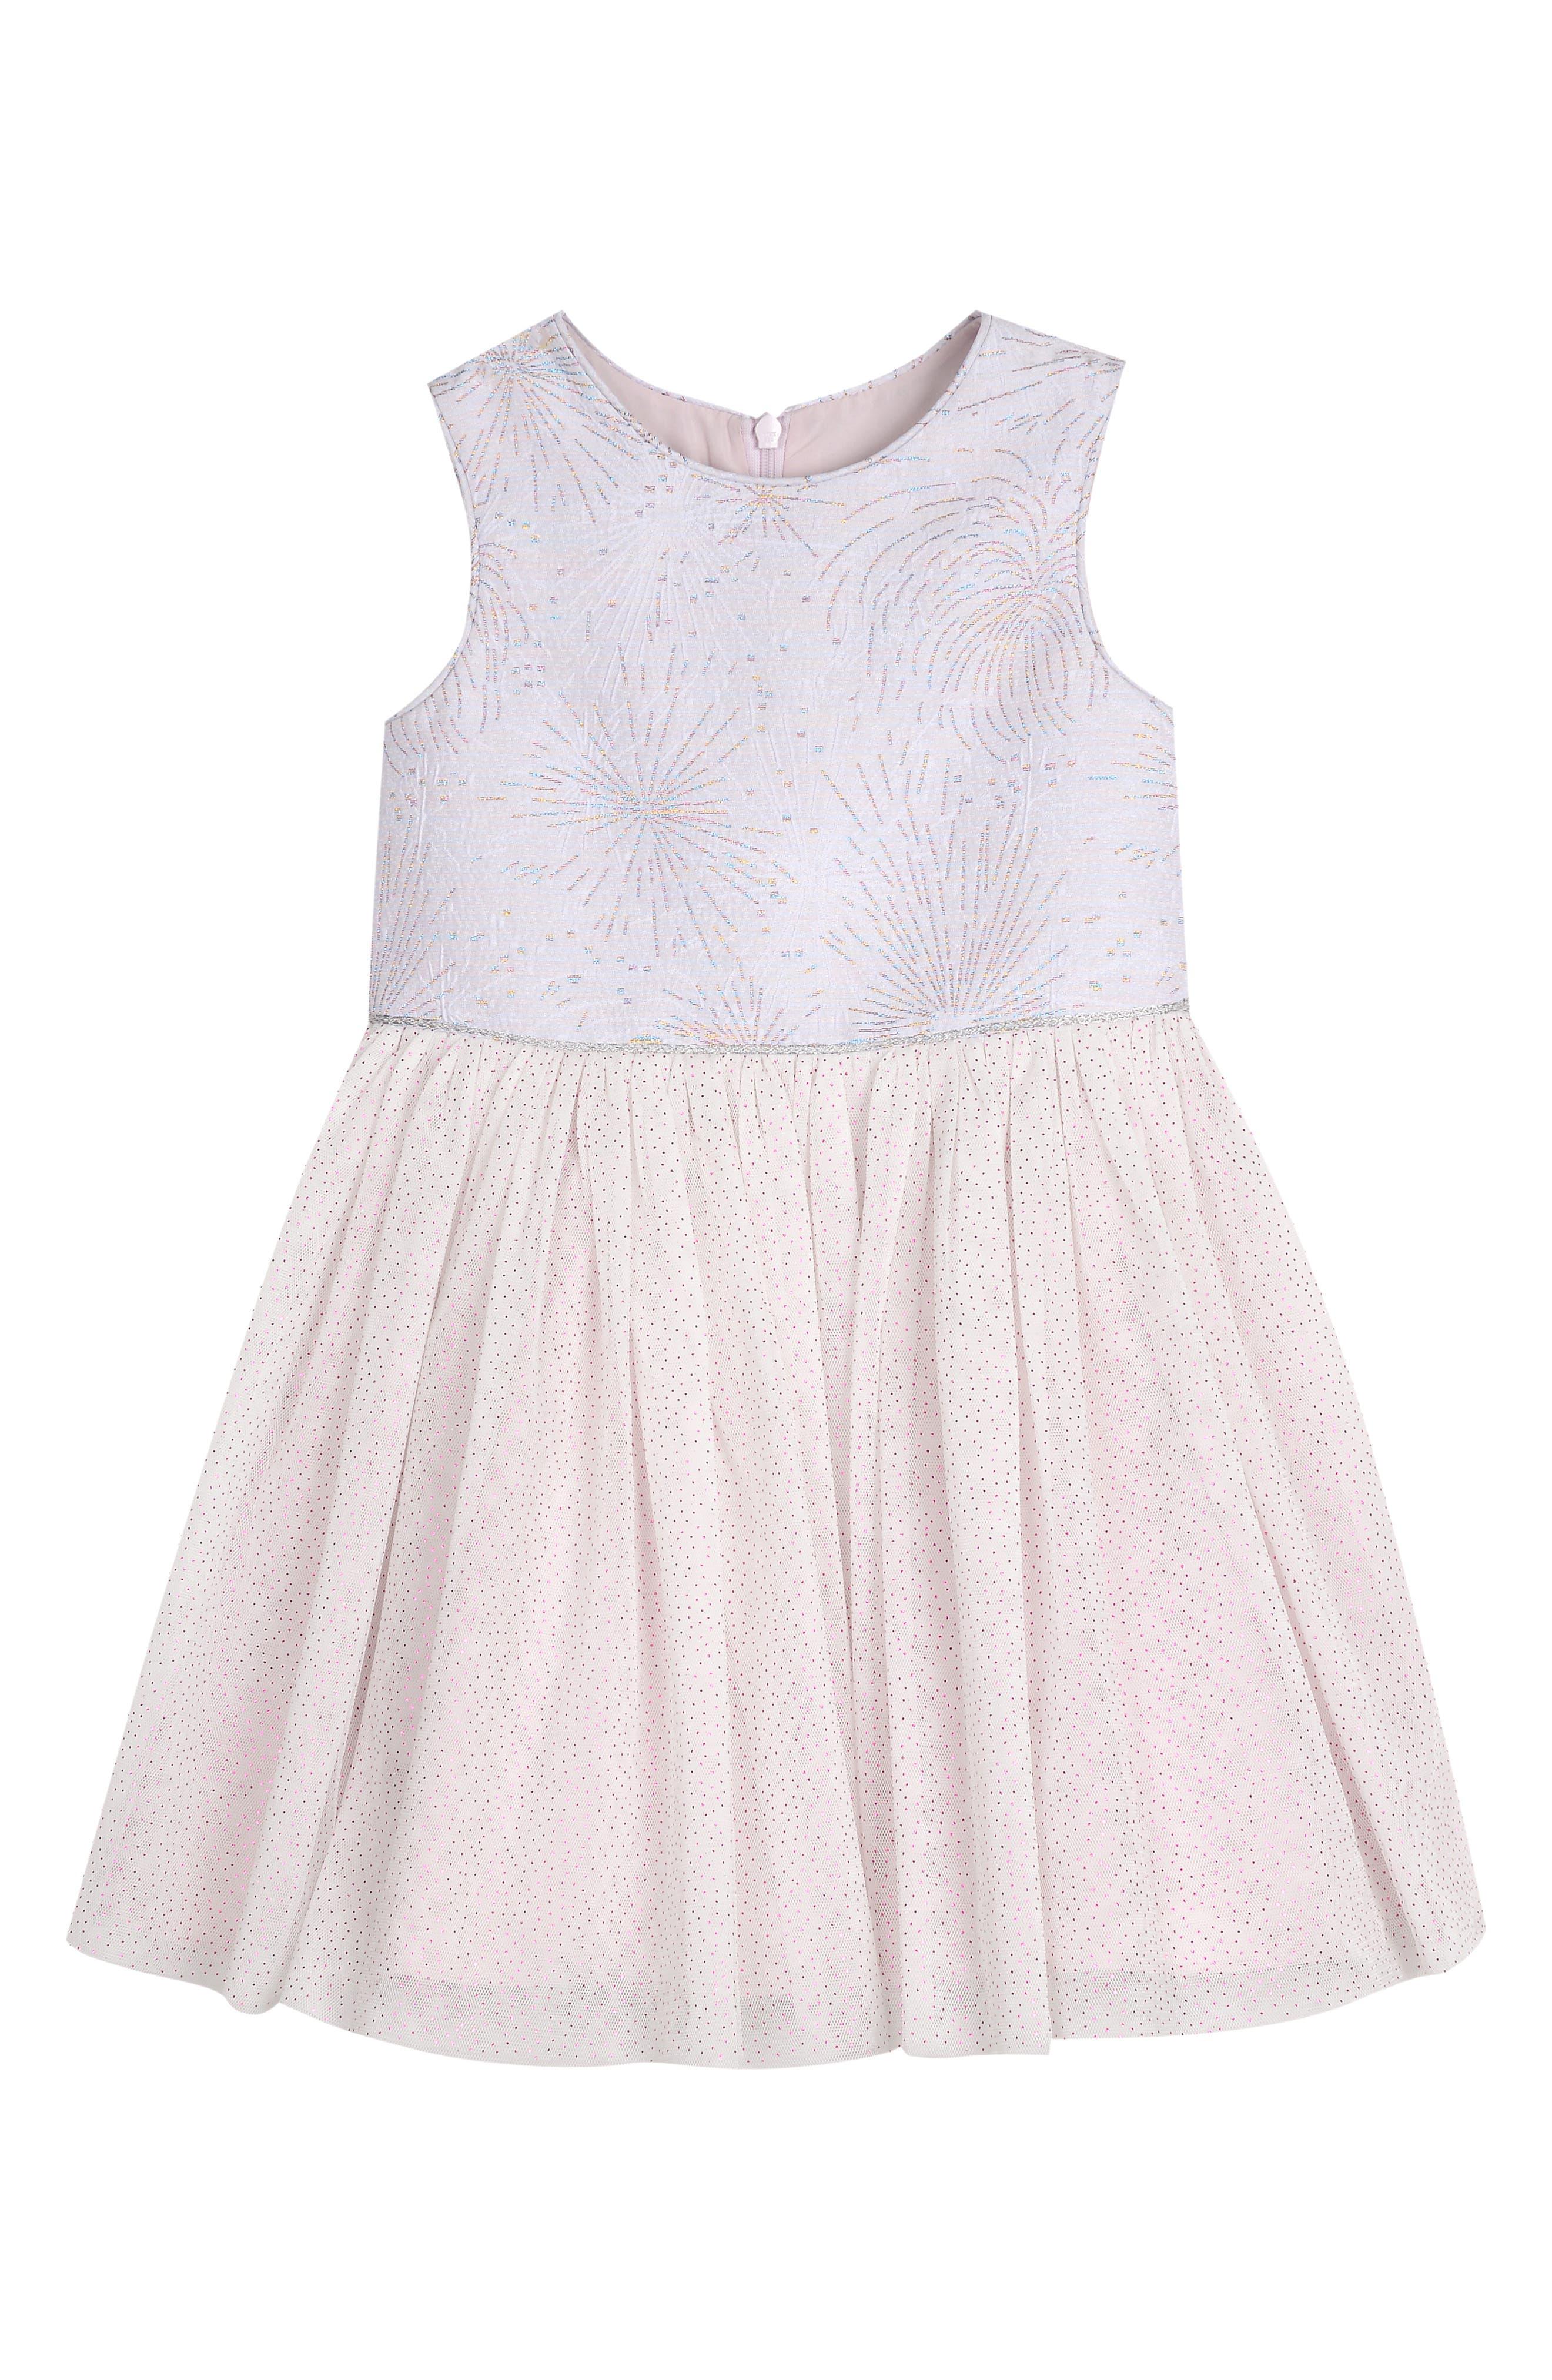 PIPPA & JULIE, Glitter Fireworks Tulle Dress, Main thumbnail 1, color, WHITE